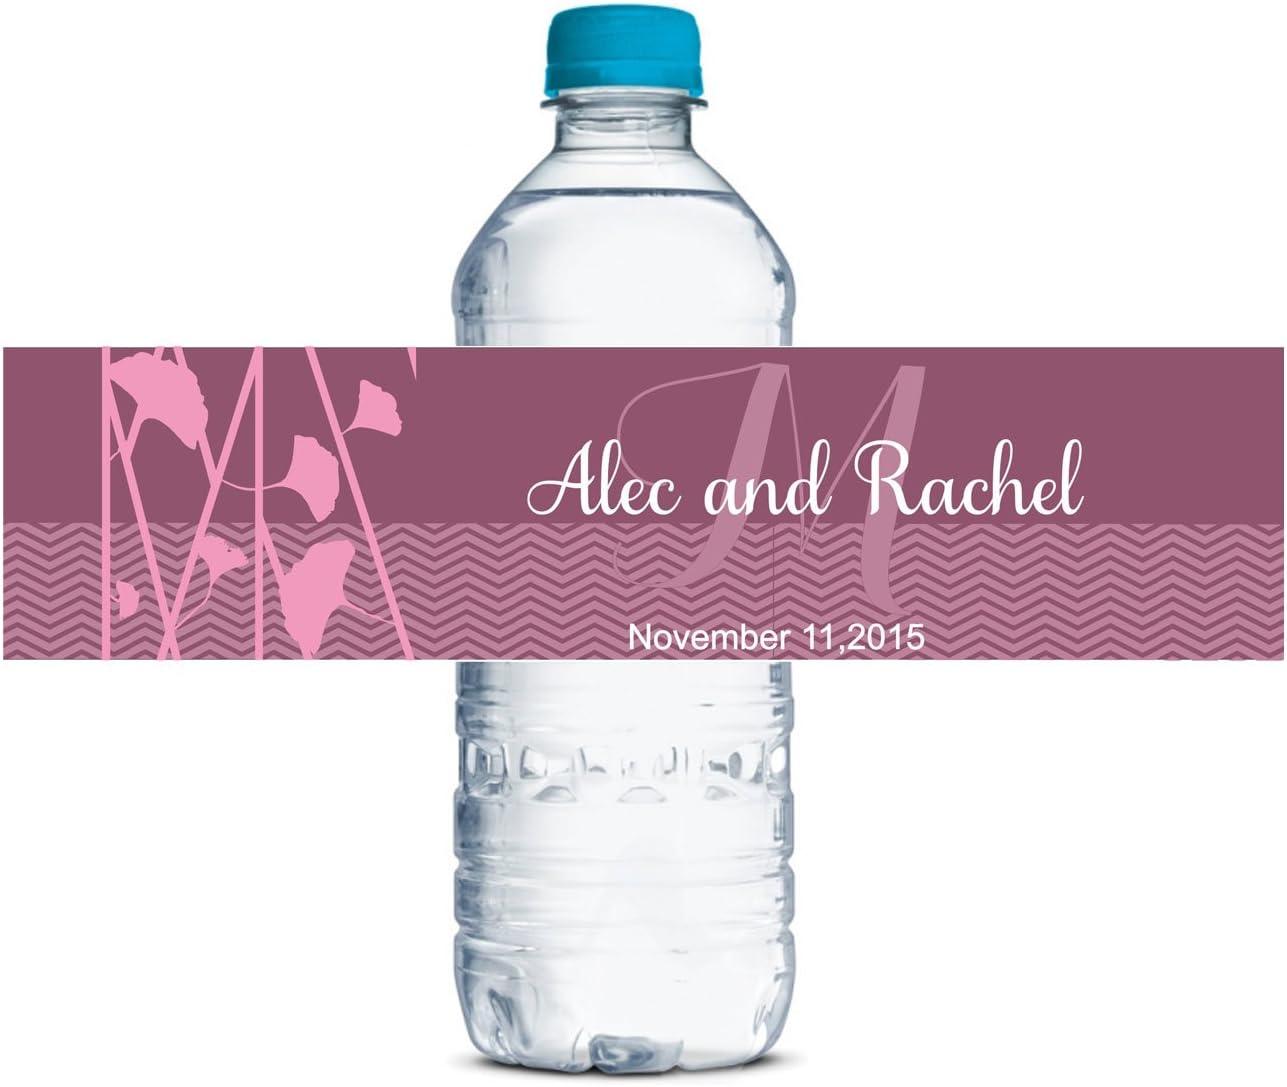 Personalizzati Etichette Delle Bottiglie Di Acqua Matrimonio Autoadesiva Impermeabile Adesivo Personalizzato 8 X 2 Pollici 70 Etichette